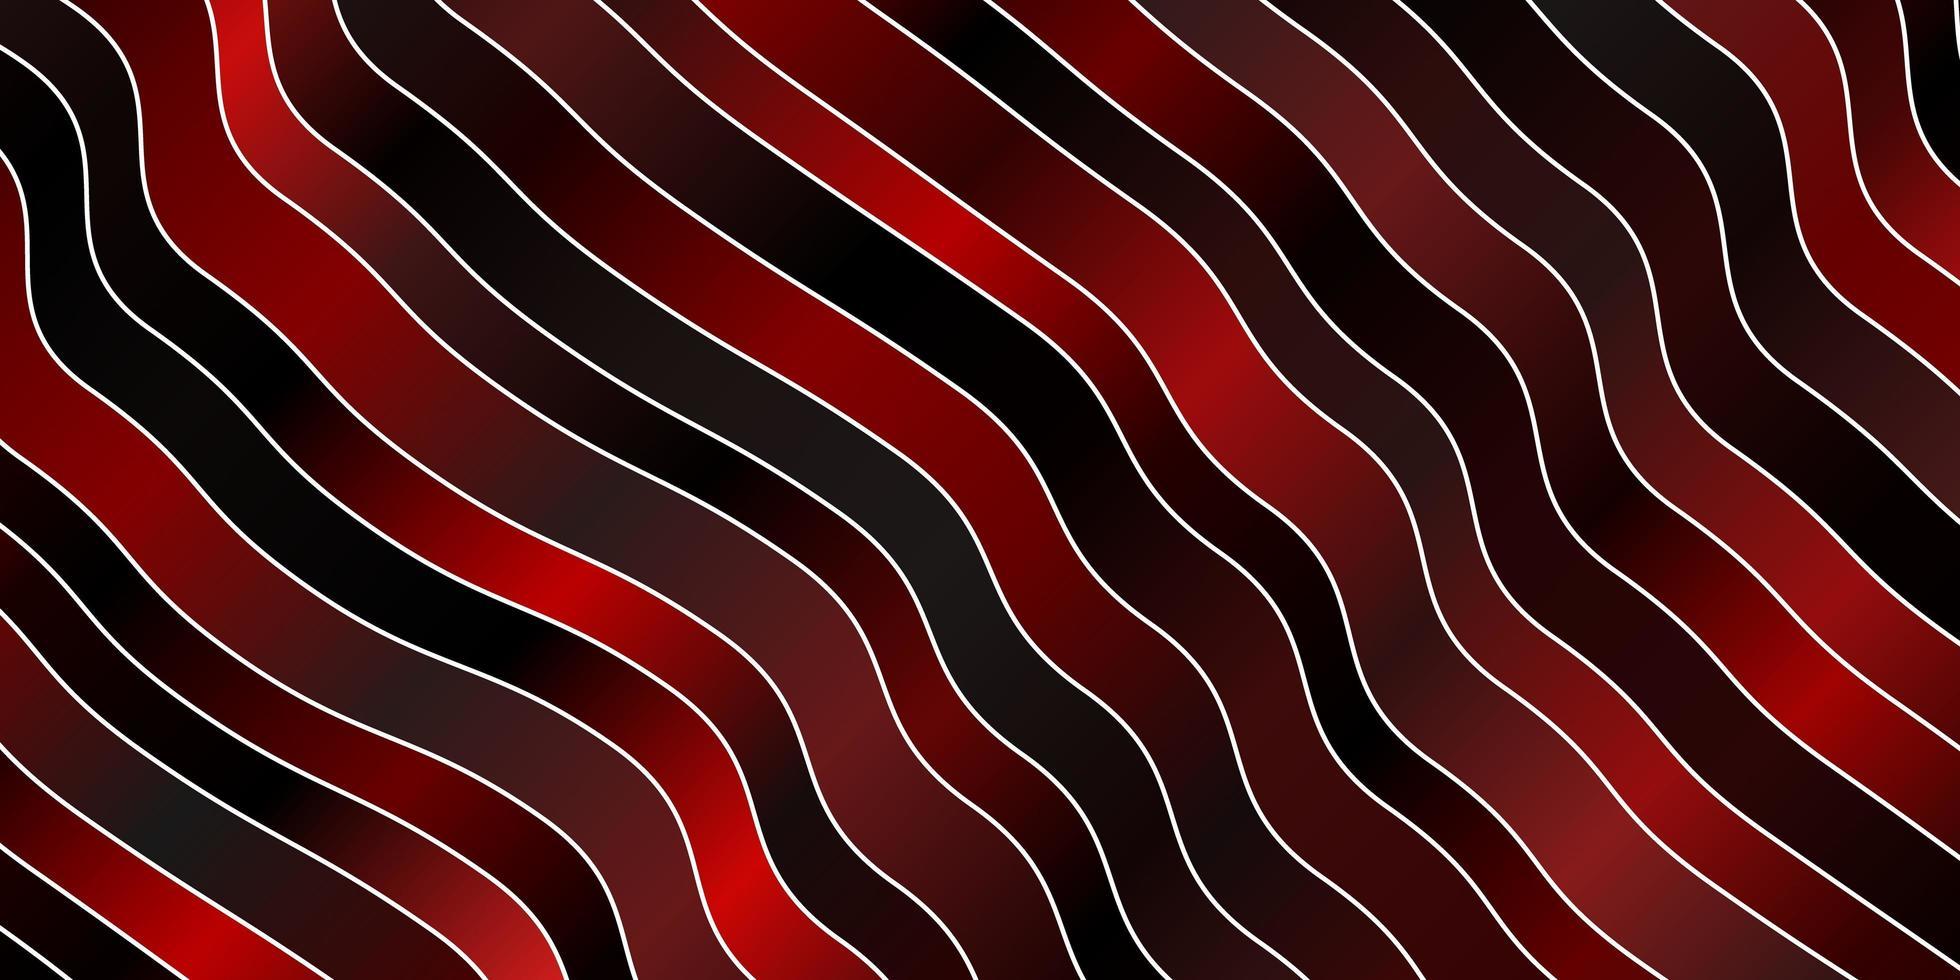 donkerrode vector achtergrond met gebogen lijnen.